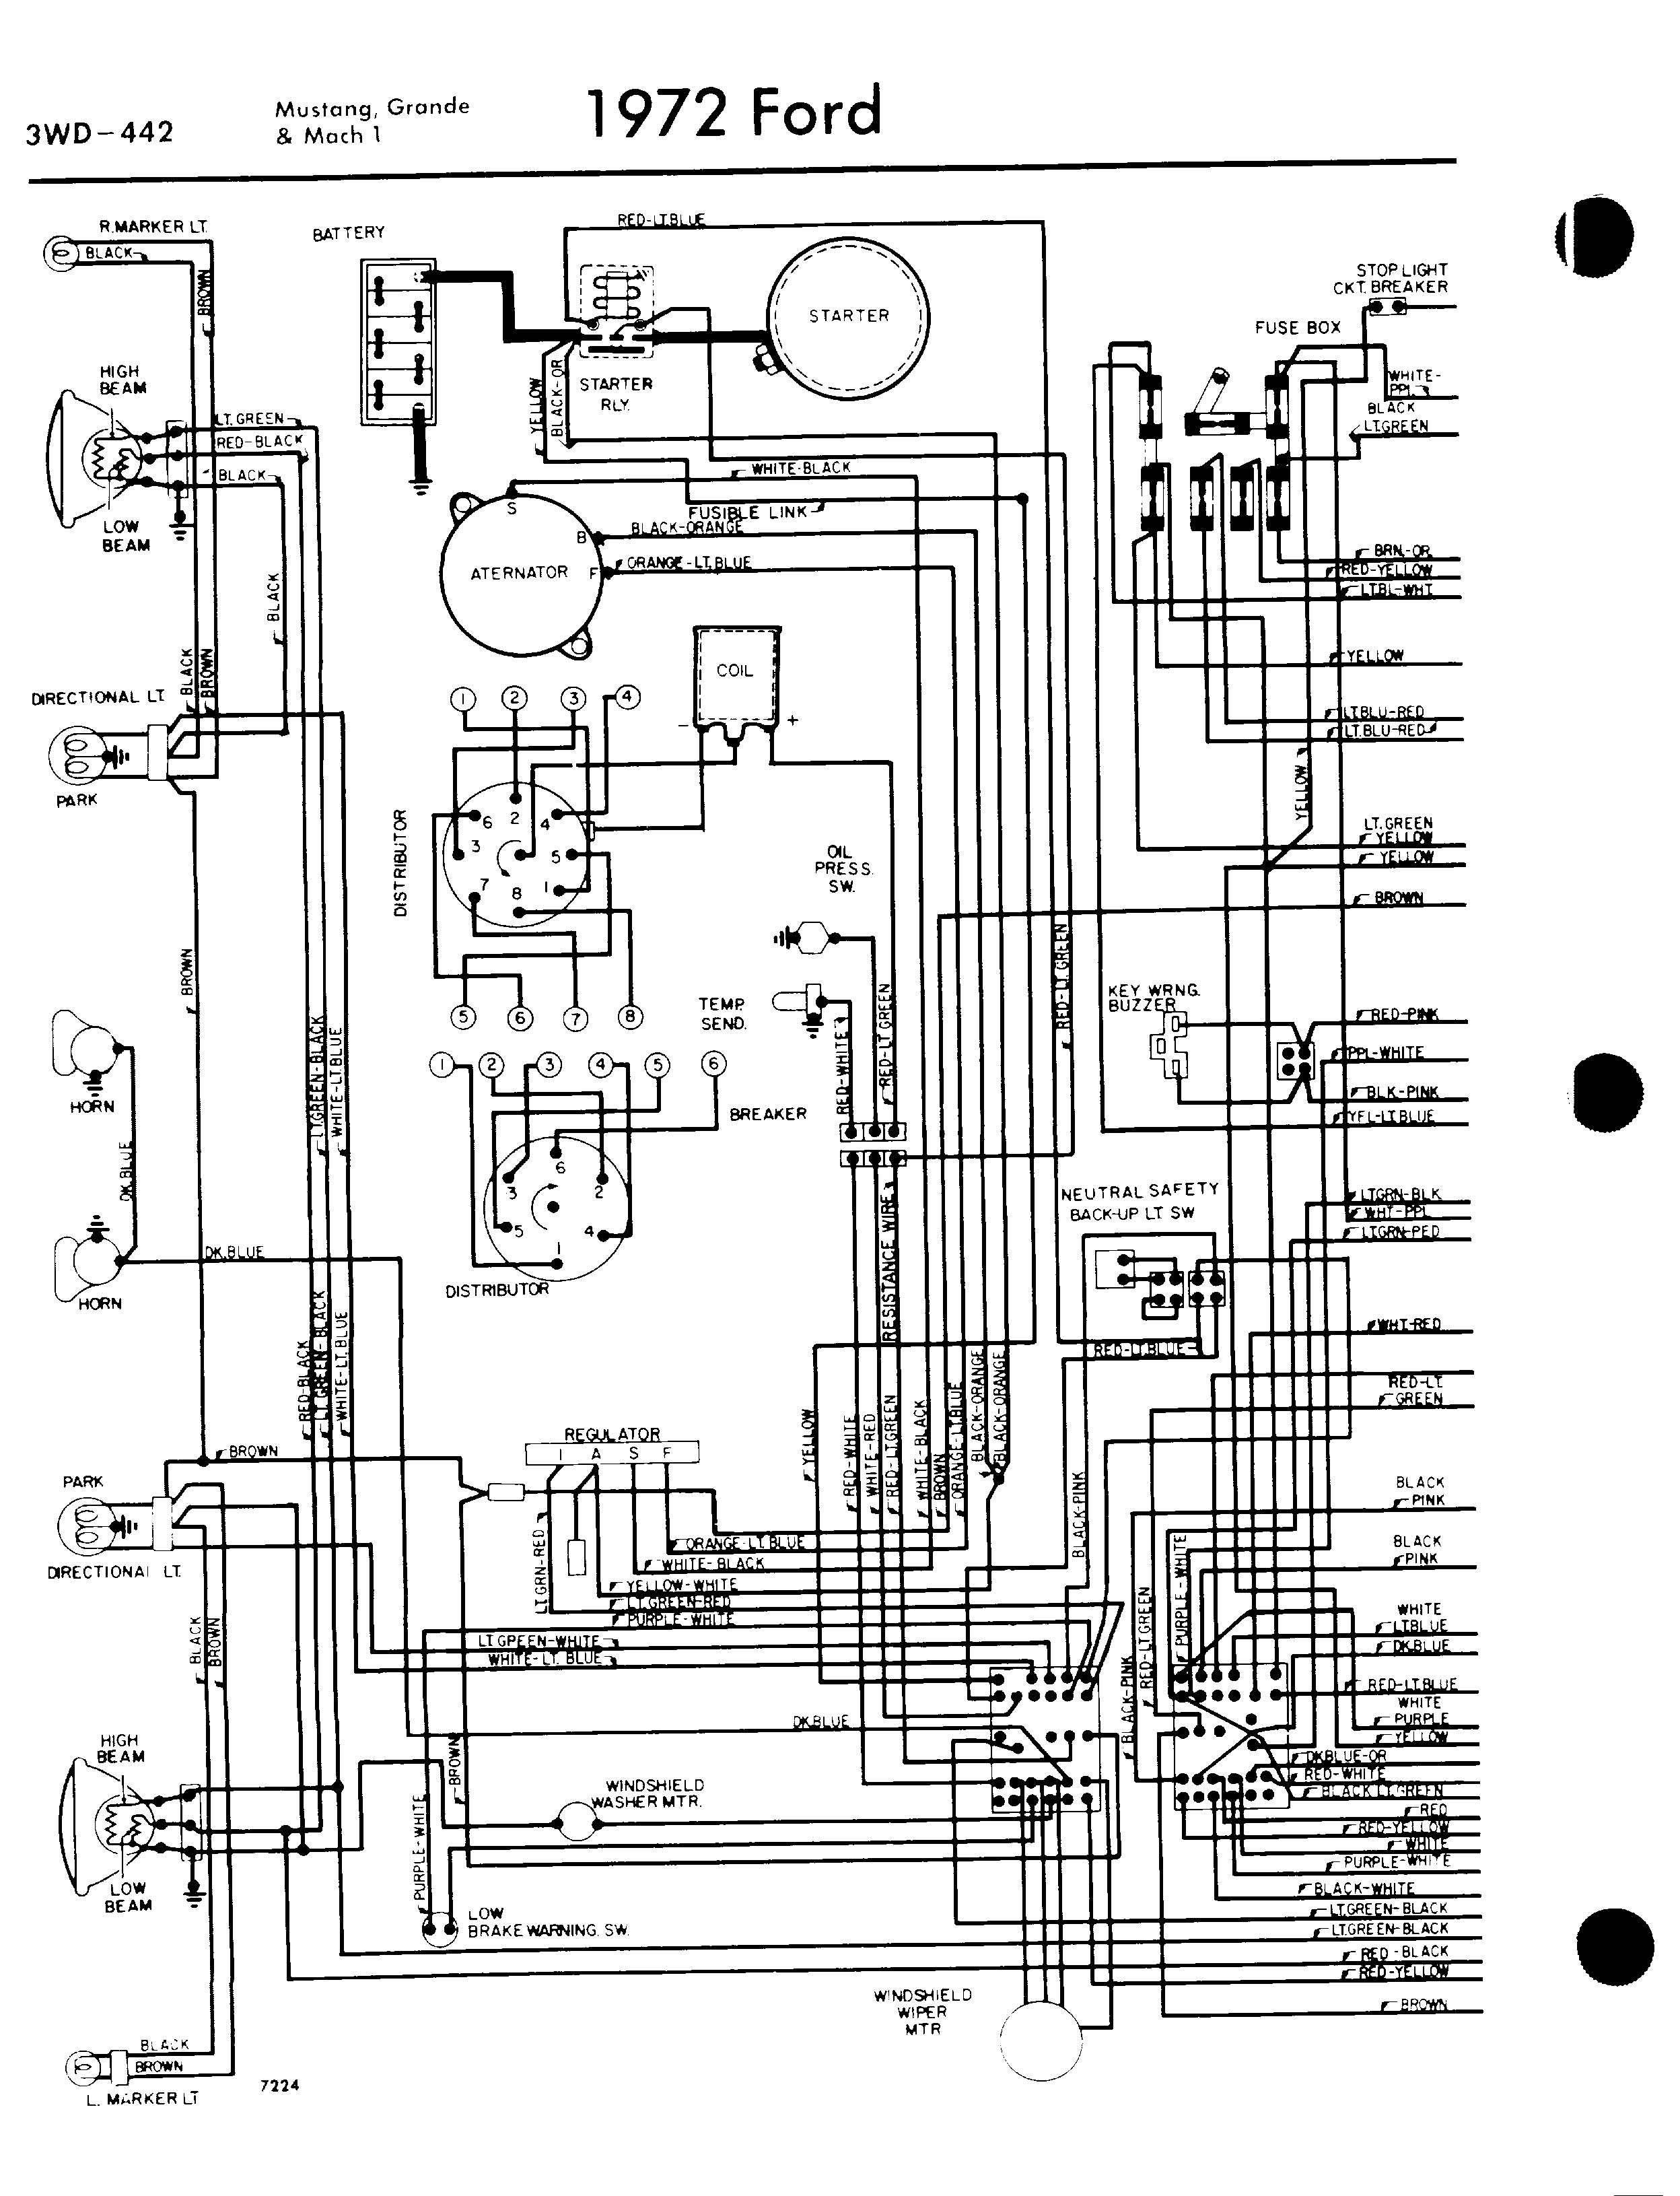 1982 Mustang Alt Wiring Diagram